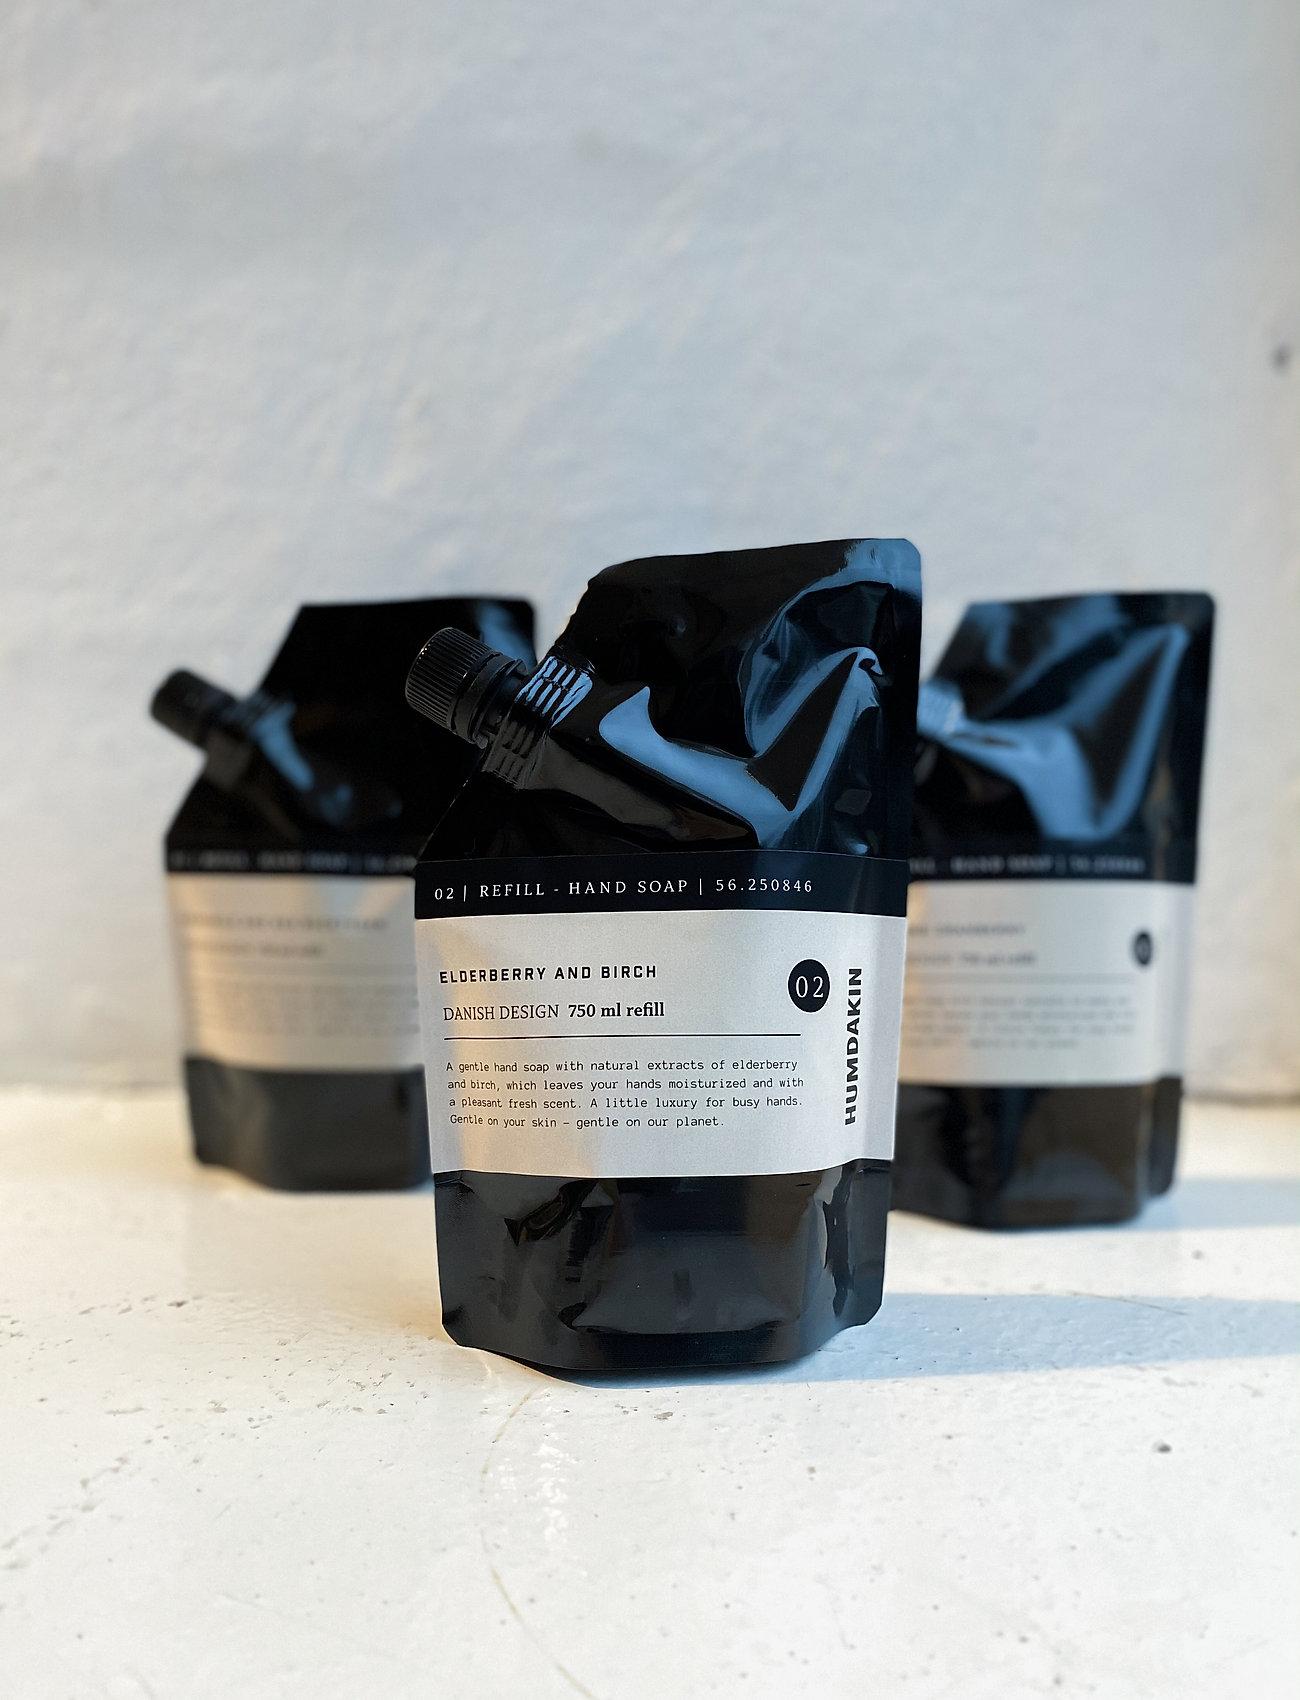 Humdakin - 02 hand soap - 750 ml refill - handtvål - natural - 0